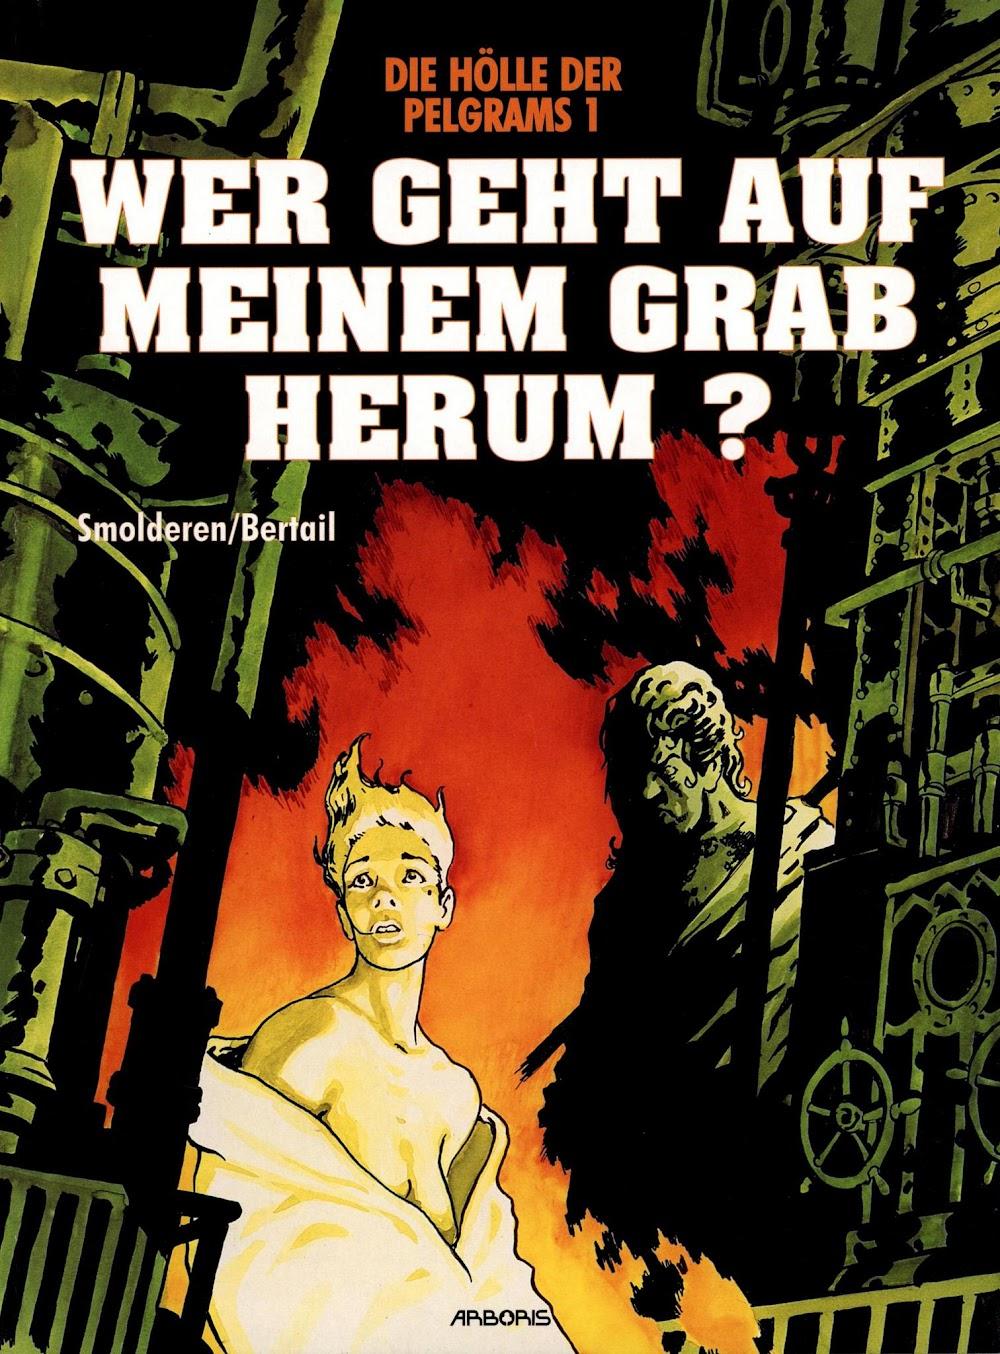 Die Hölle der Pelgrams (1999)